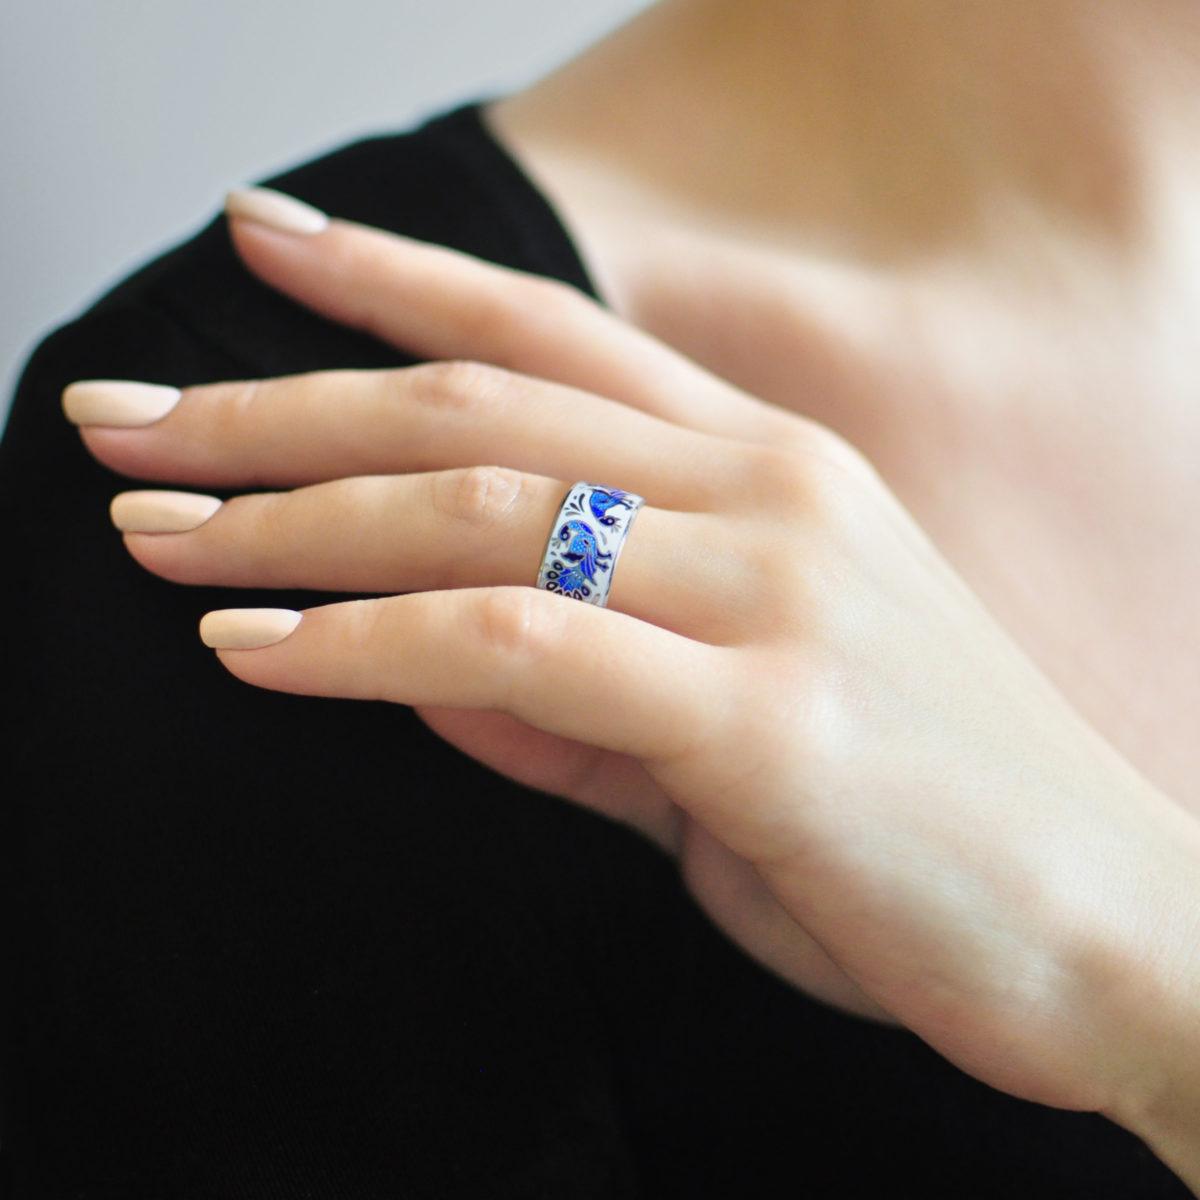 Serebro belo sinyaya 2 1200x1200 - Кольцо «По зернышку», бело-синее